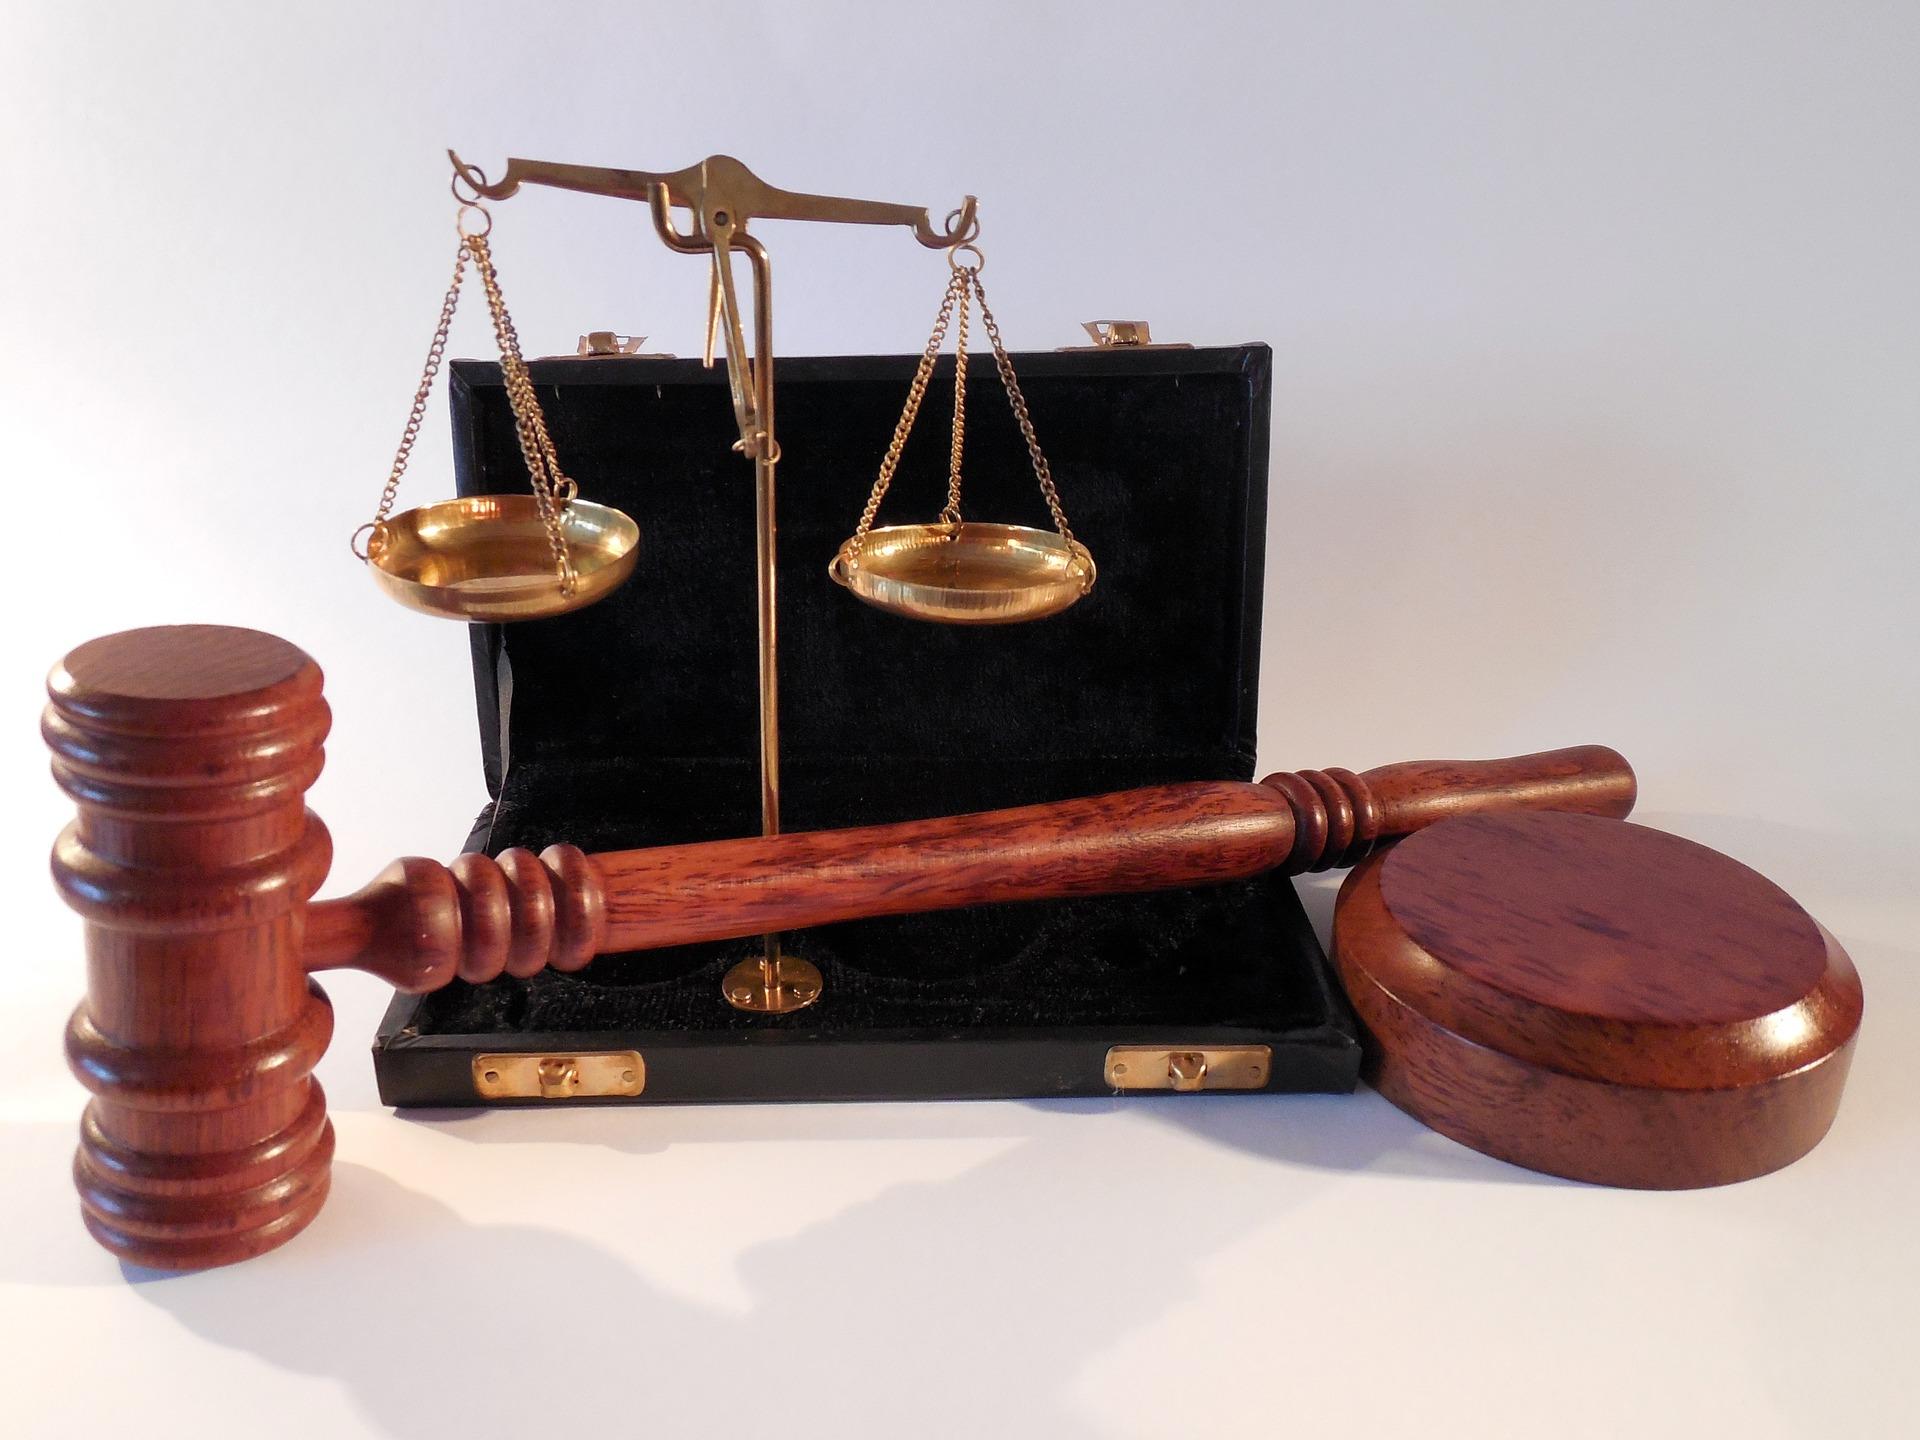 Нижегородский застройщик подал в суд на губернатора  - фото 1